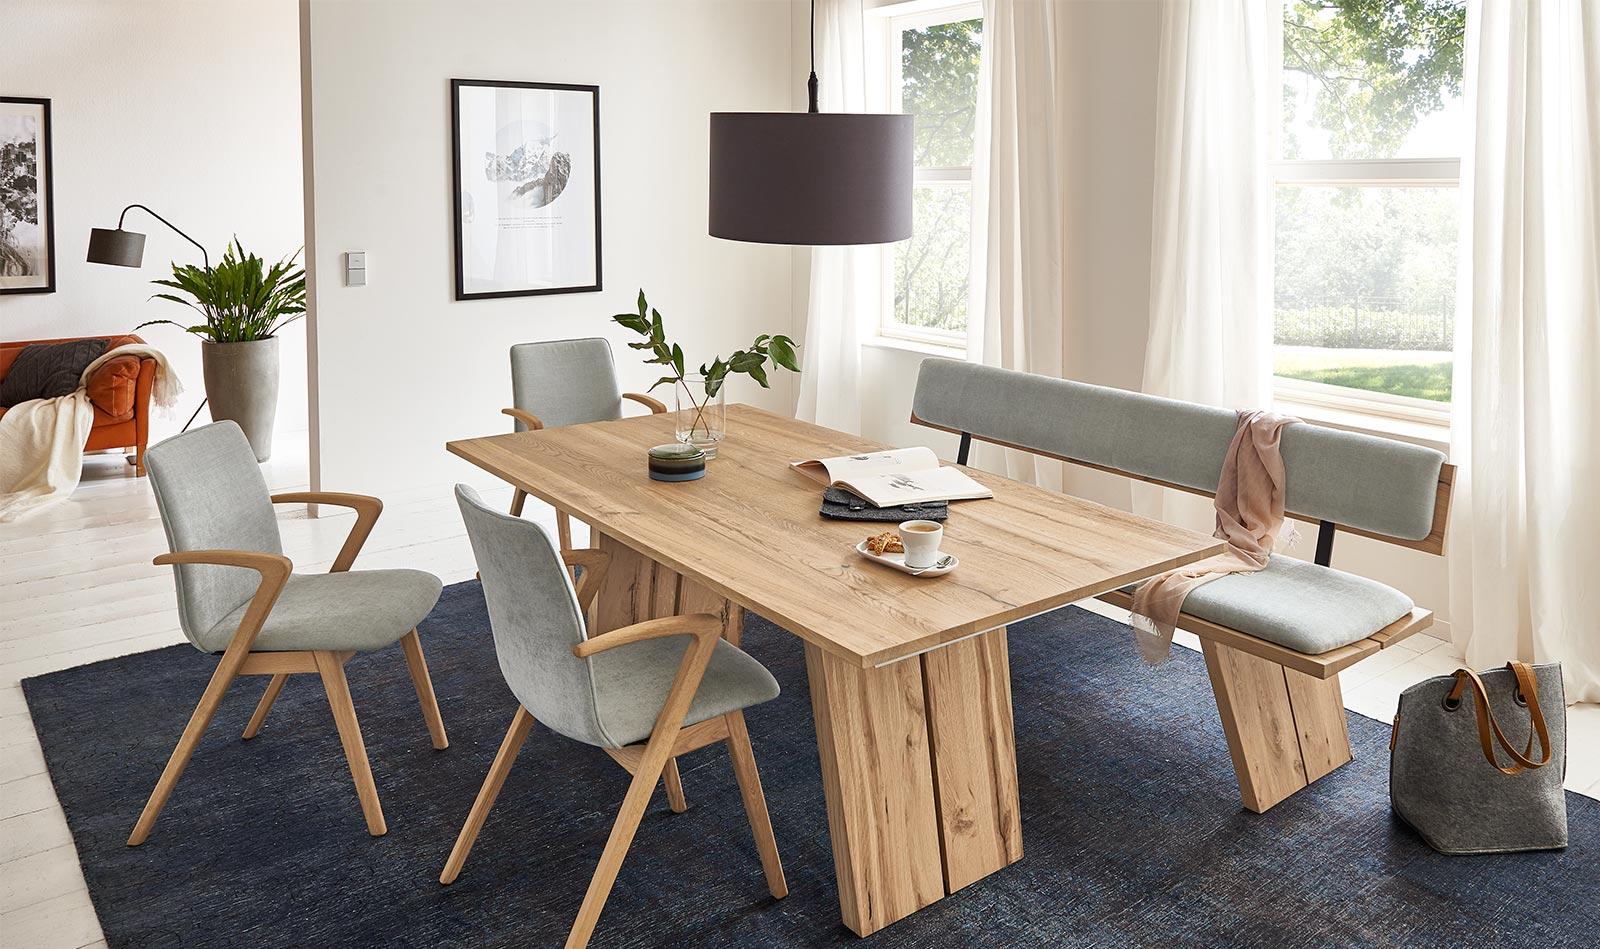 Bezaubernd Sessel Für Esstisch Dekoration Von 1796 Due | 3012 Kate | Solitärbank